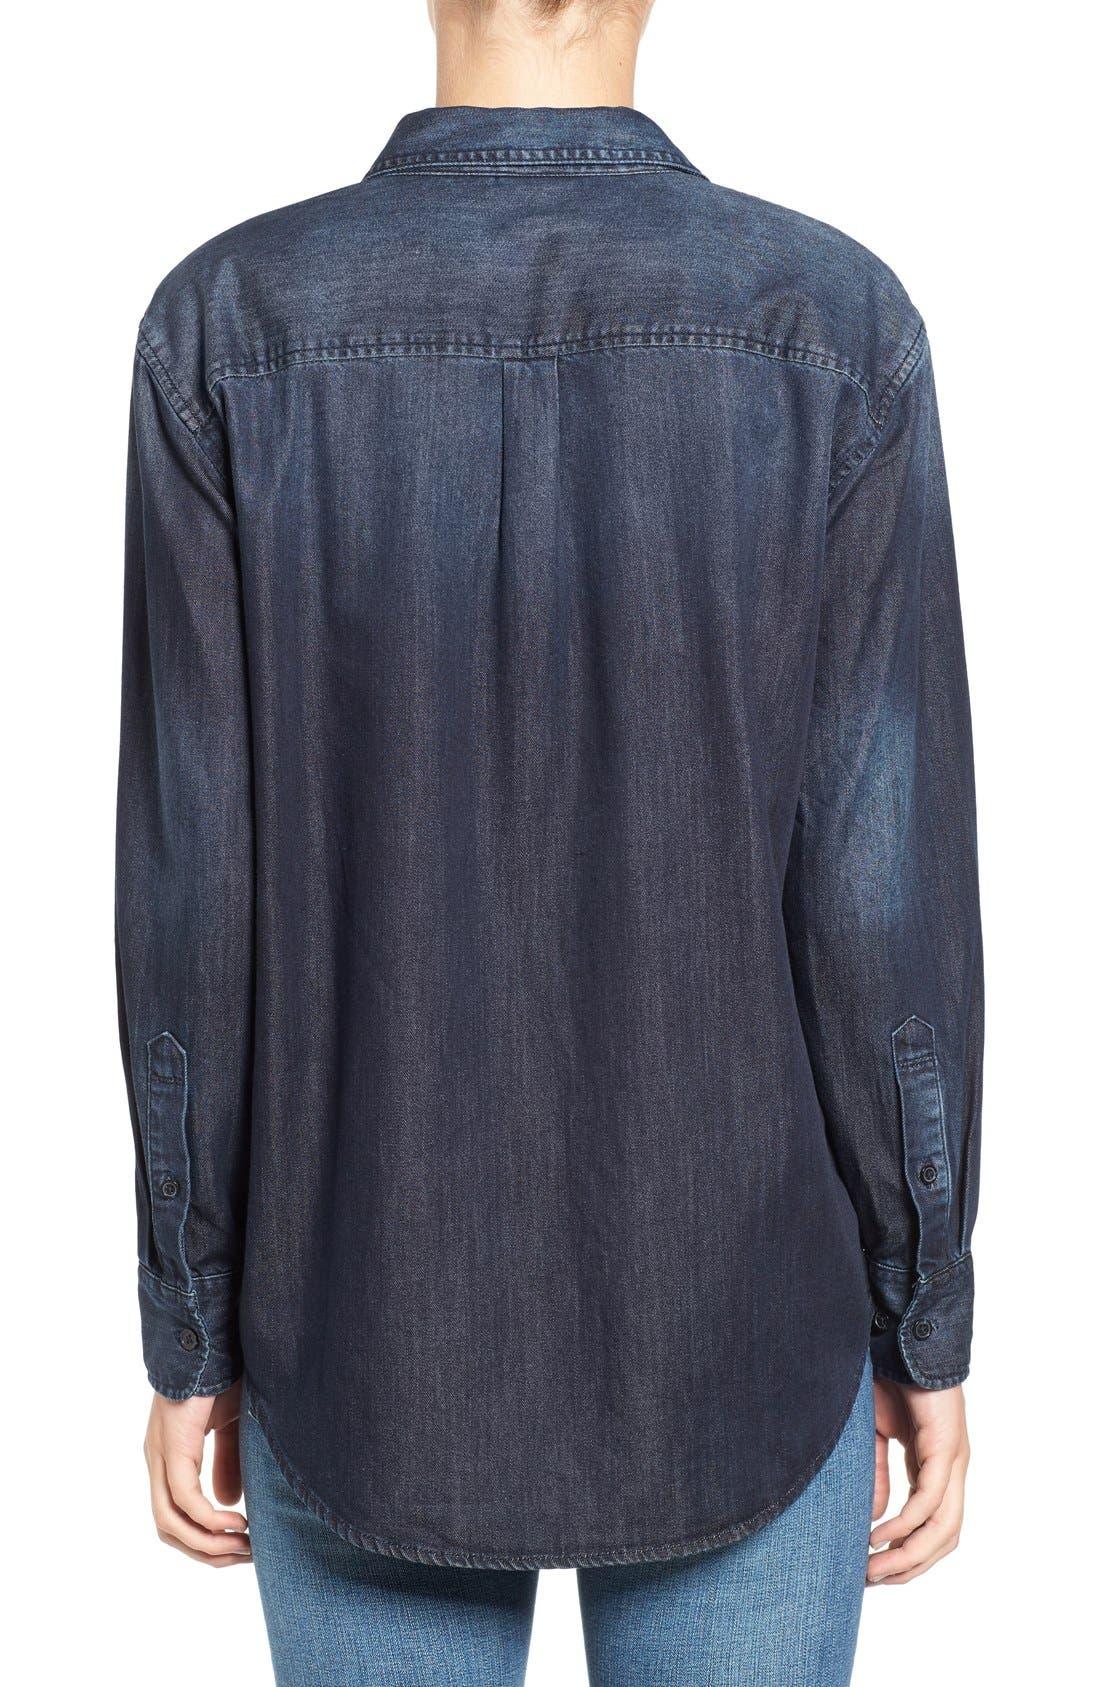 Hartley Chambray Shirt,                             Alternate thumbnail 2, color,                             458